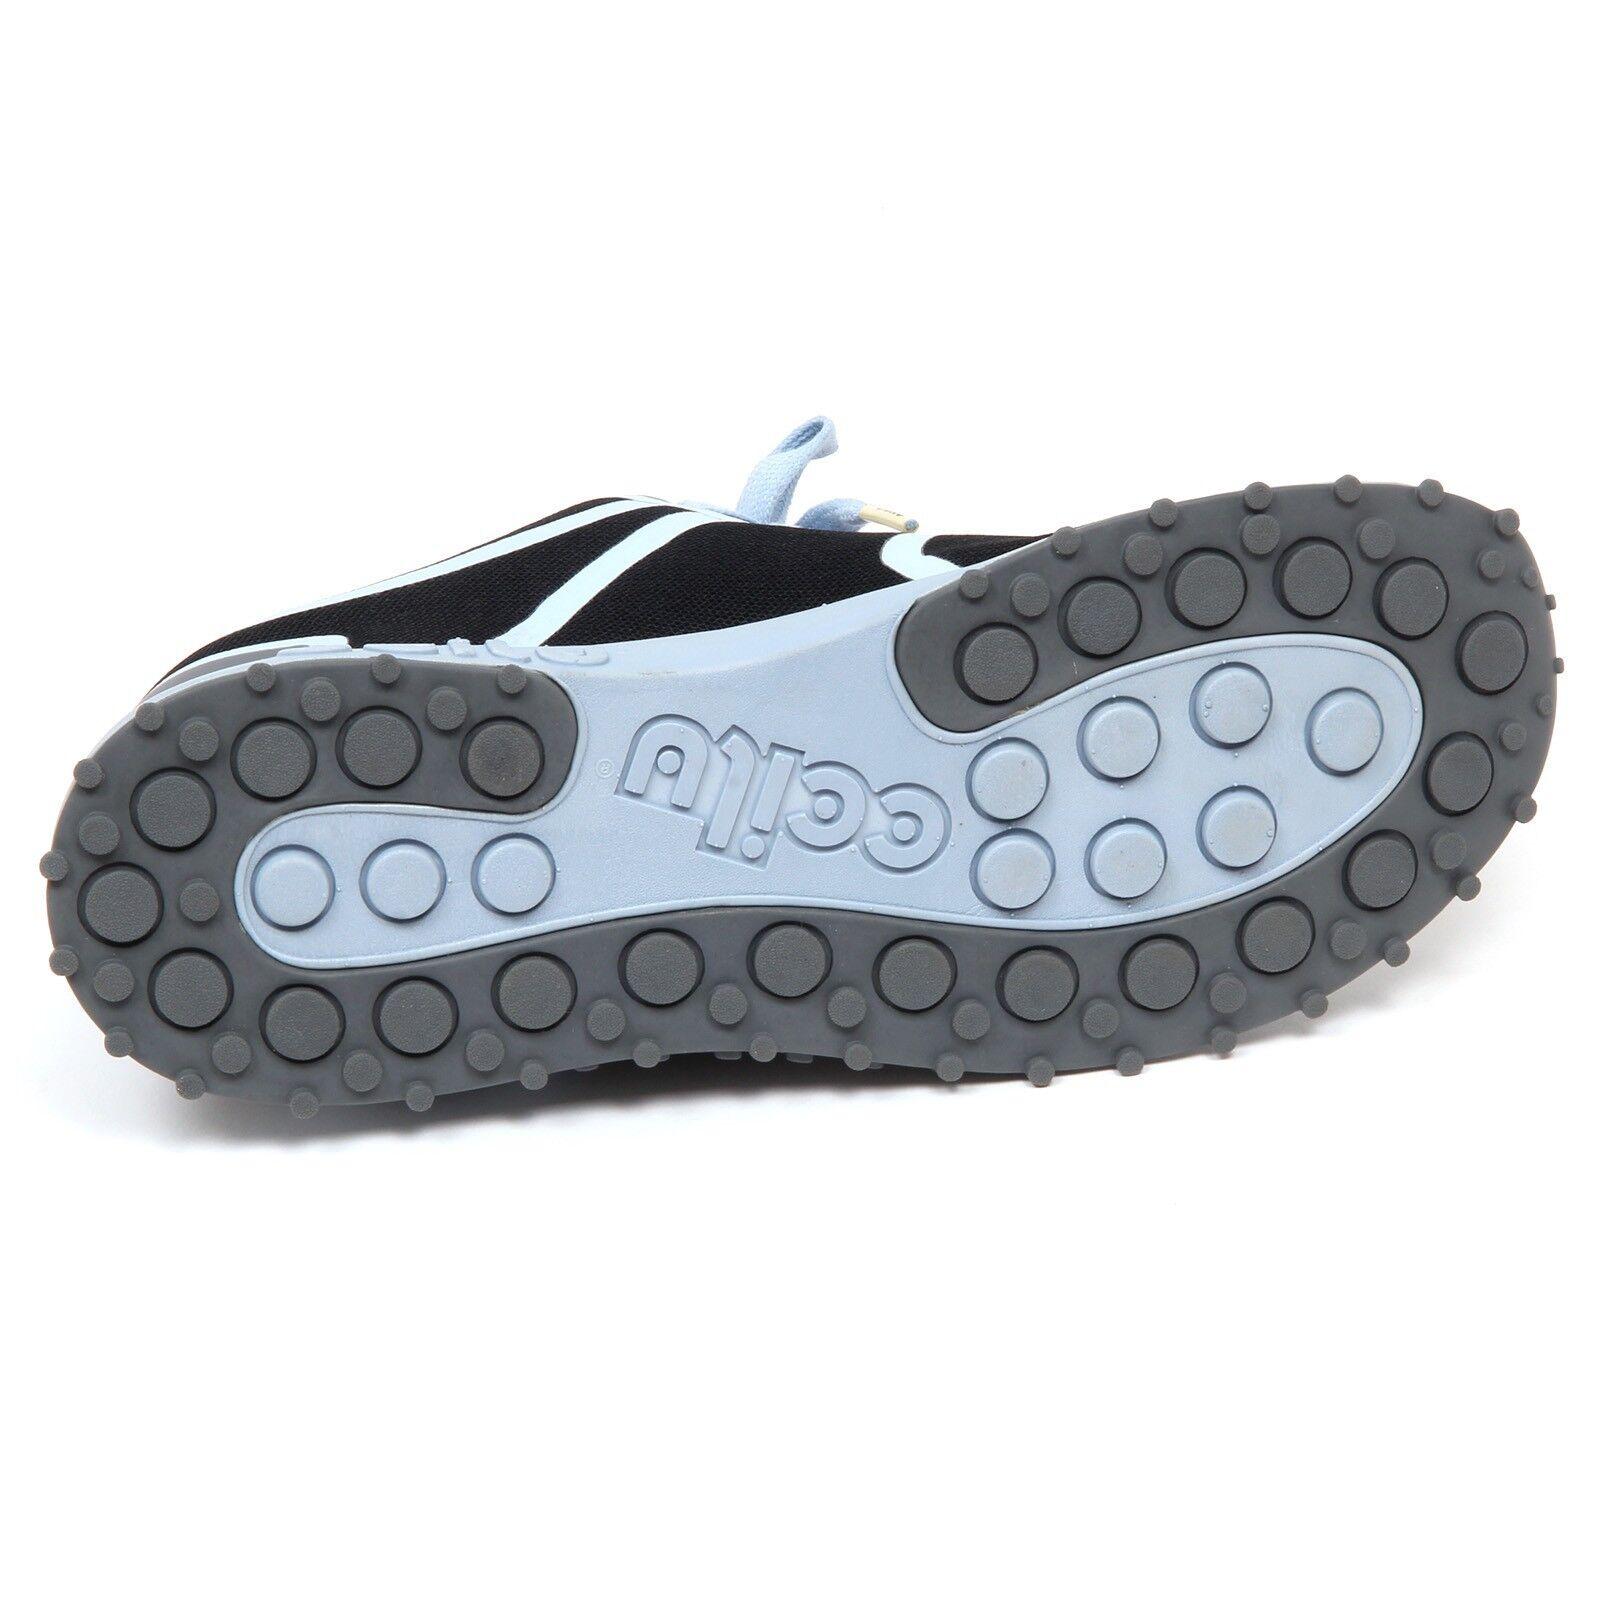 E8186 (WITHOUT BOX) scarpe da ginnastica uomo nero light light light blu CCILU tissue rubber scarpe man | Prezzo ottimale  | Uomo/Donne Scarpa  3d365c